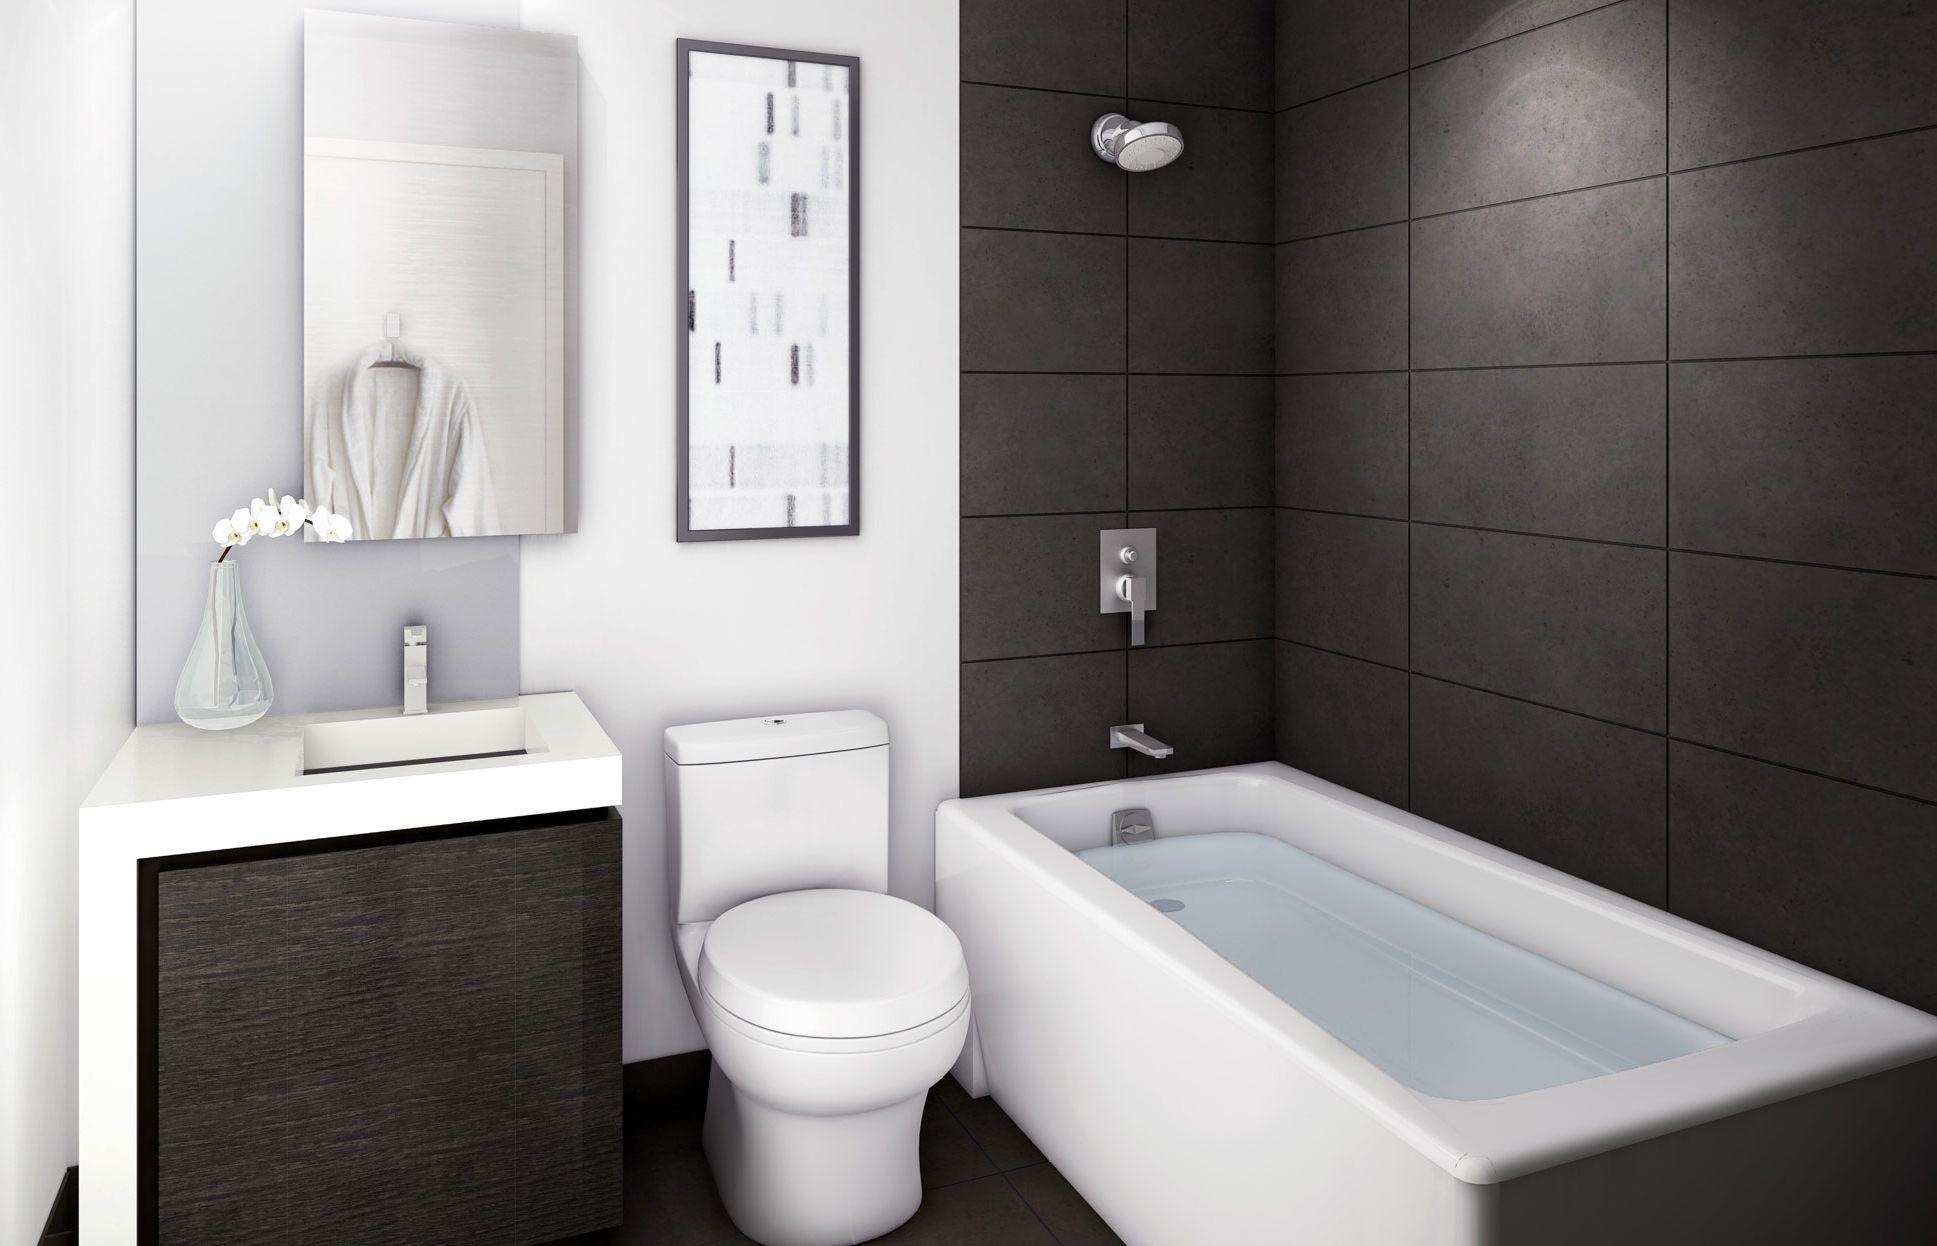 Badezimmer design ideen klein neue badezimmer design ideen  obwohl es nicht notwendig für den